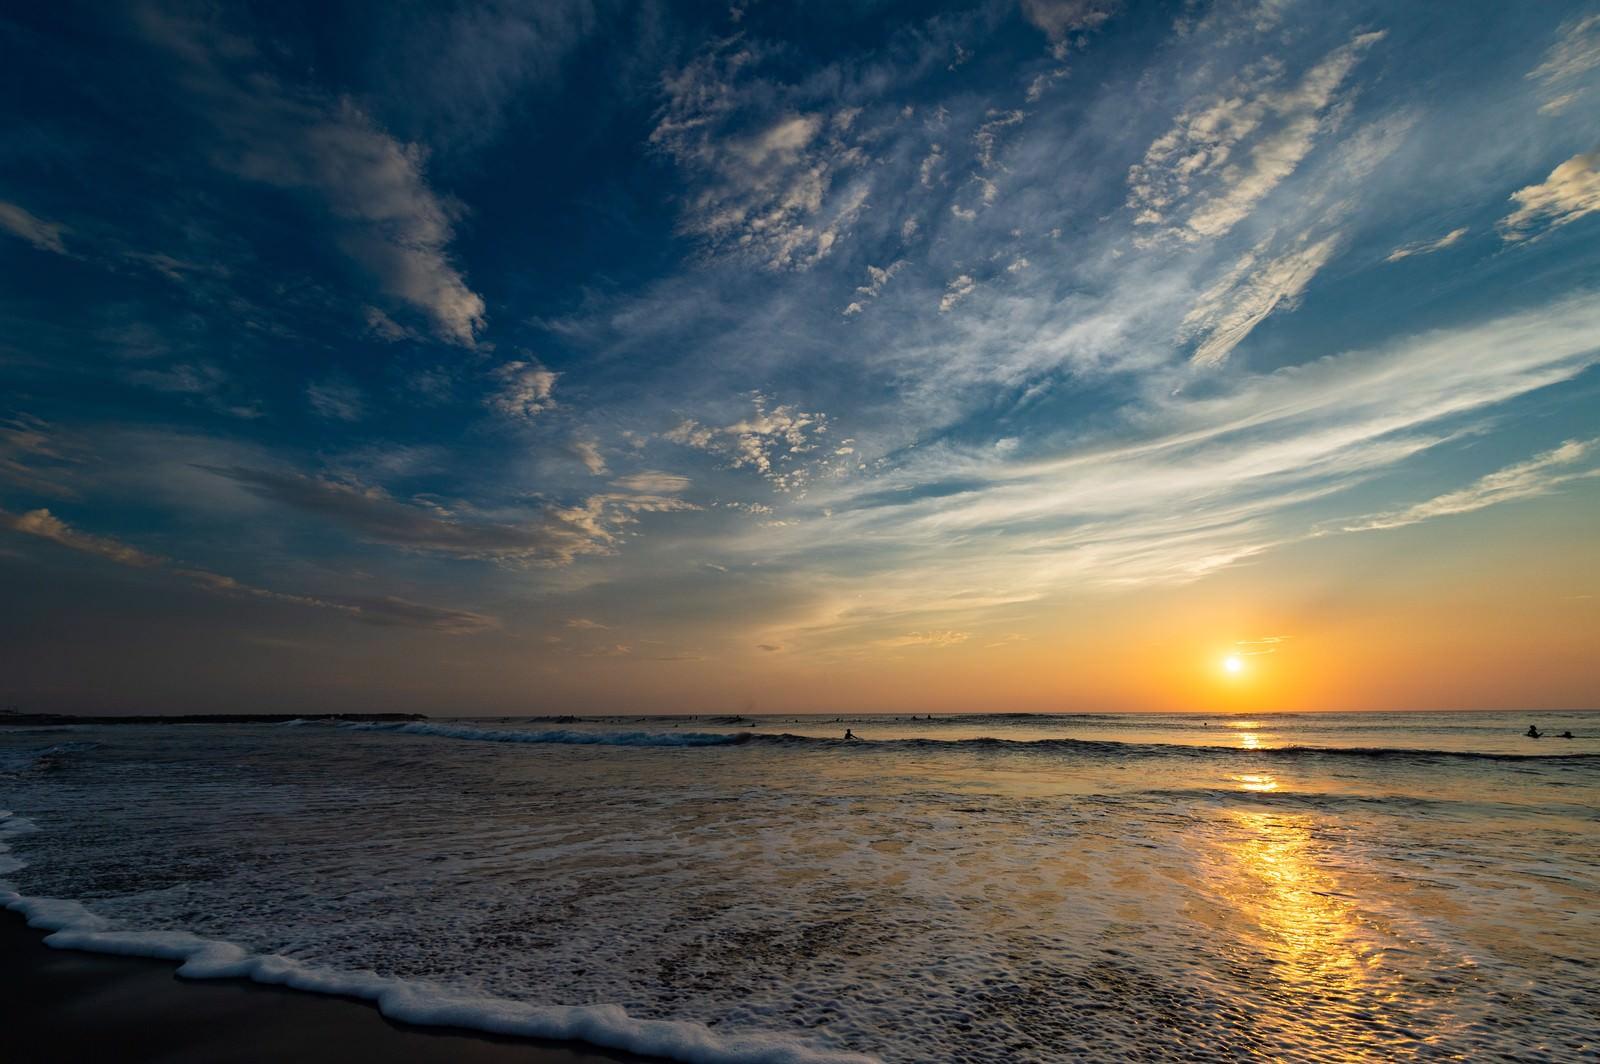 「一宮海岸の海に反射するレイライン(千葉県一宮町ちばけんいちのみや)」の写真